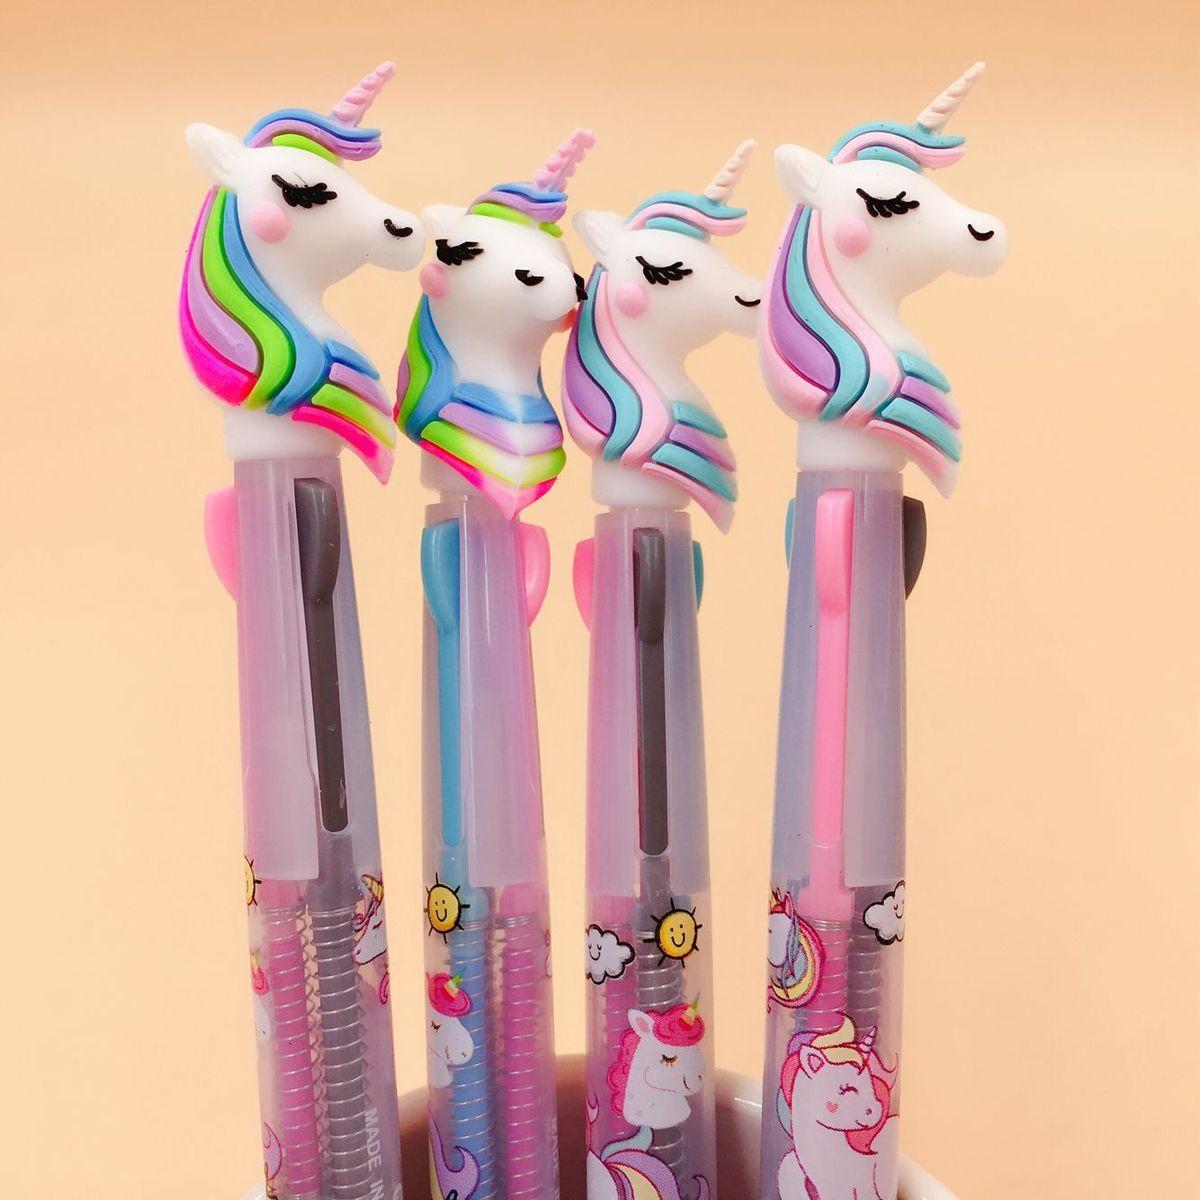 72 Pcs/lot Unicorn Cartoon 3 Colors random mixed Chunky Ballpoint Pen School Office Supply Gift Stationery Papelaria Escolar